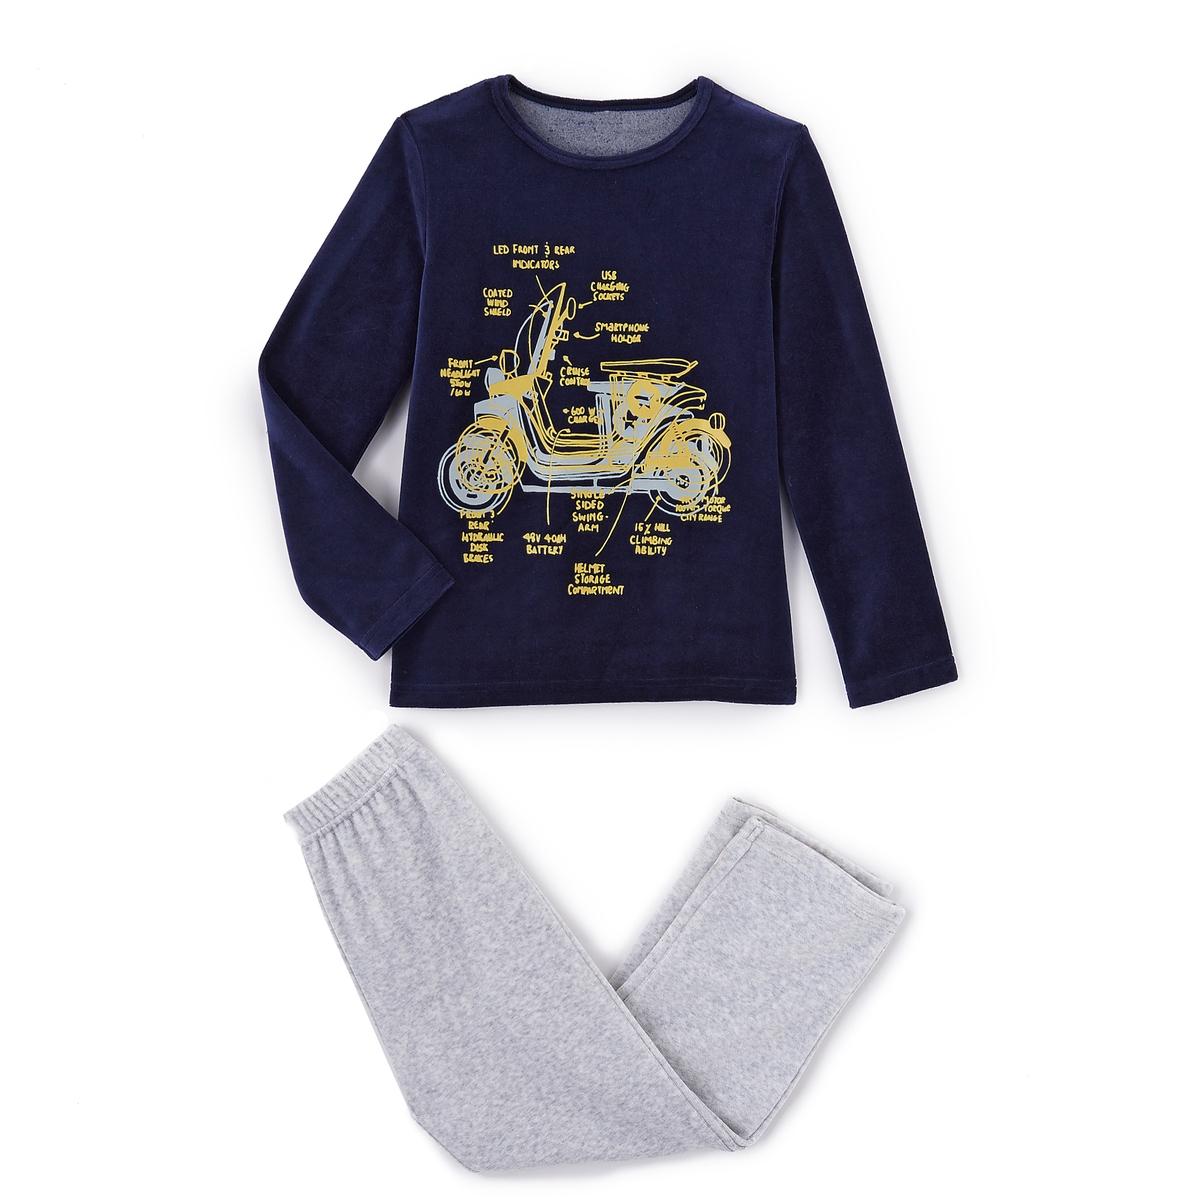 Пижама из велюра с рисунком мопед, 2-12 лет